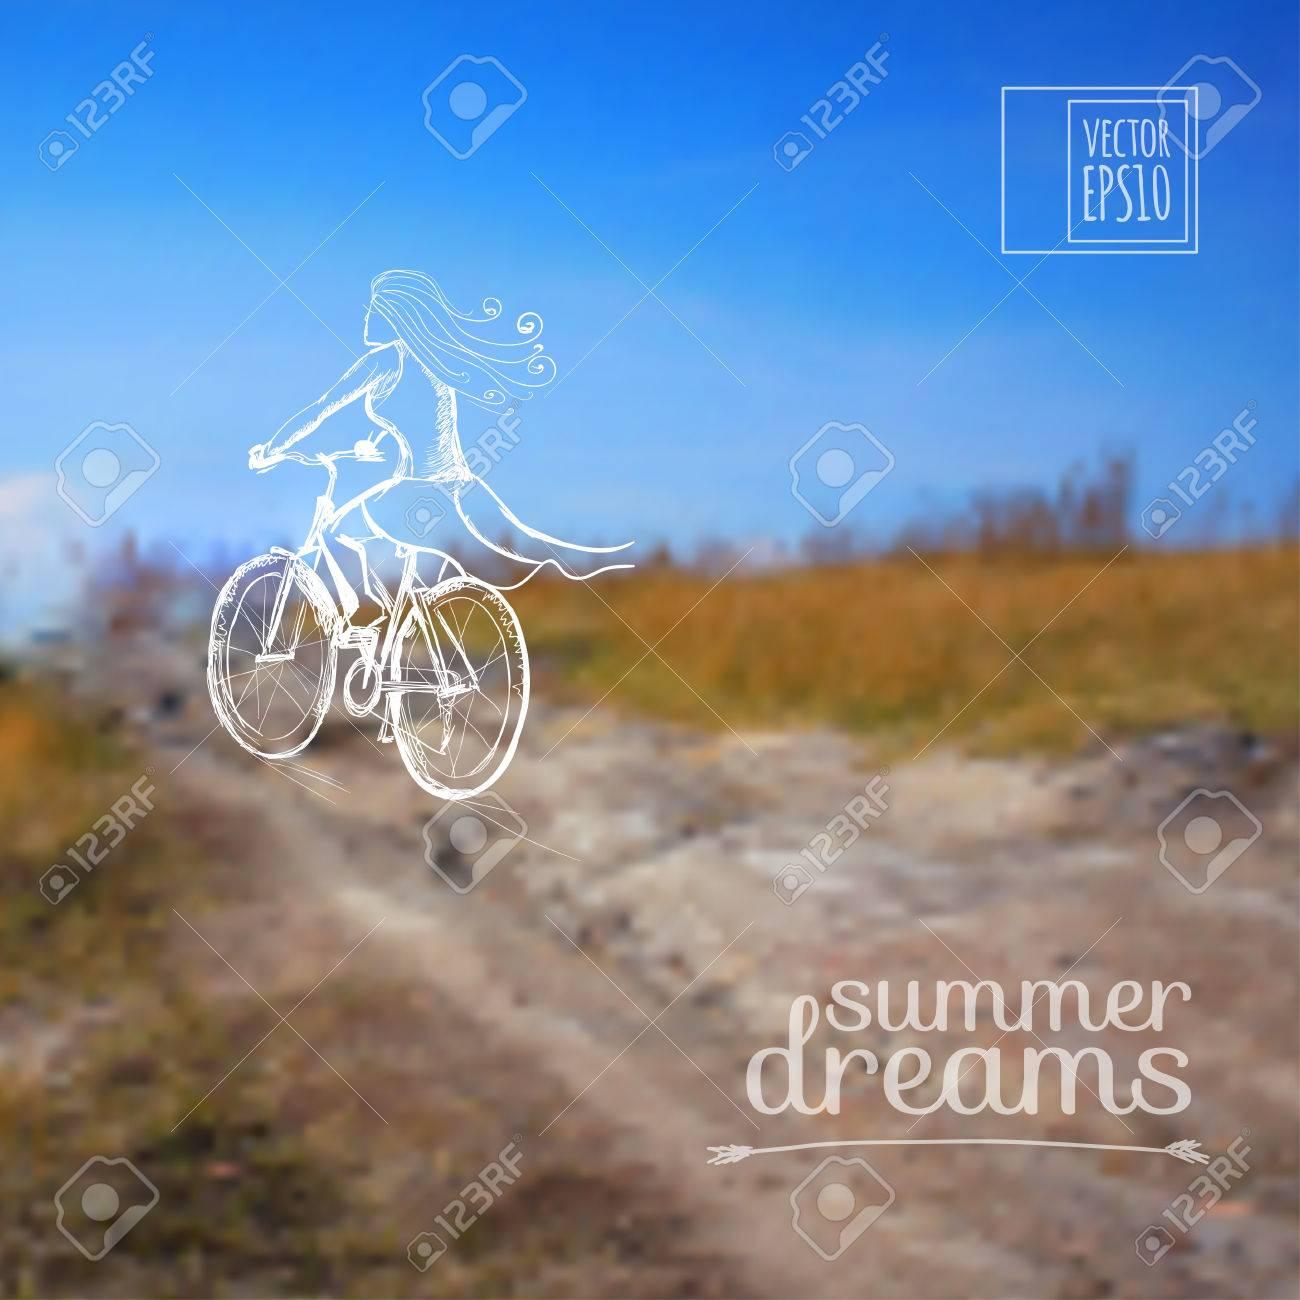 Abbildung Skizze Im Sommerurlaub Auf Dem Hintergrundbilder Mädchen